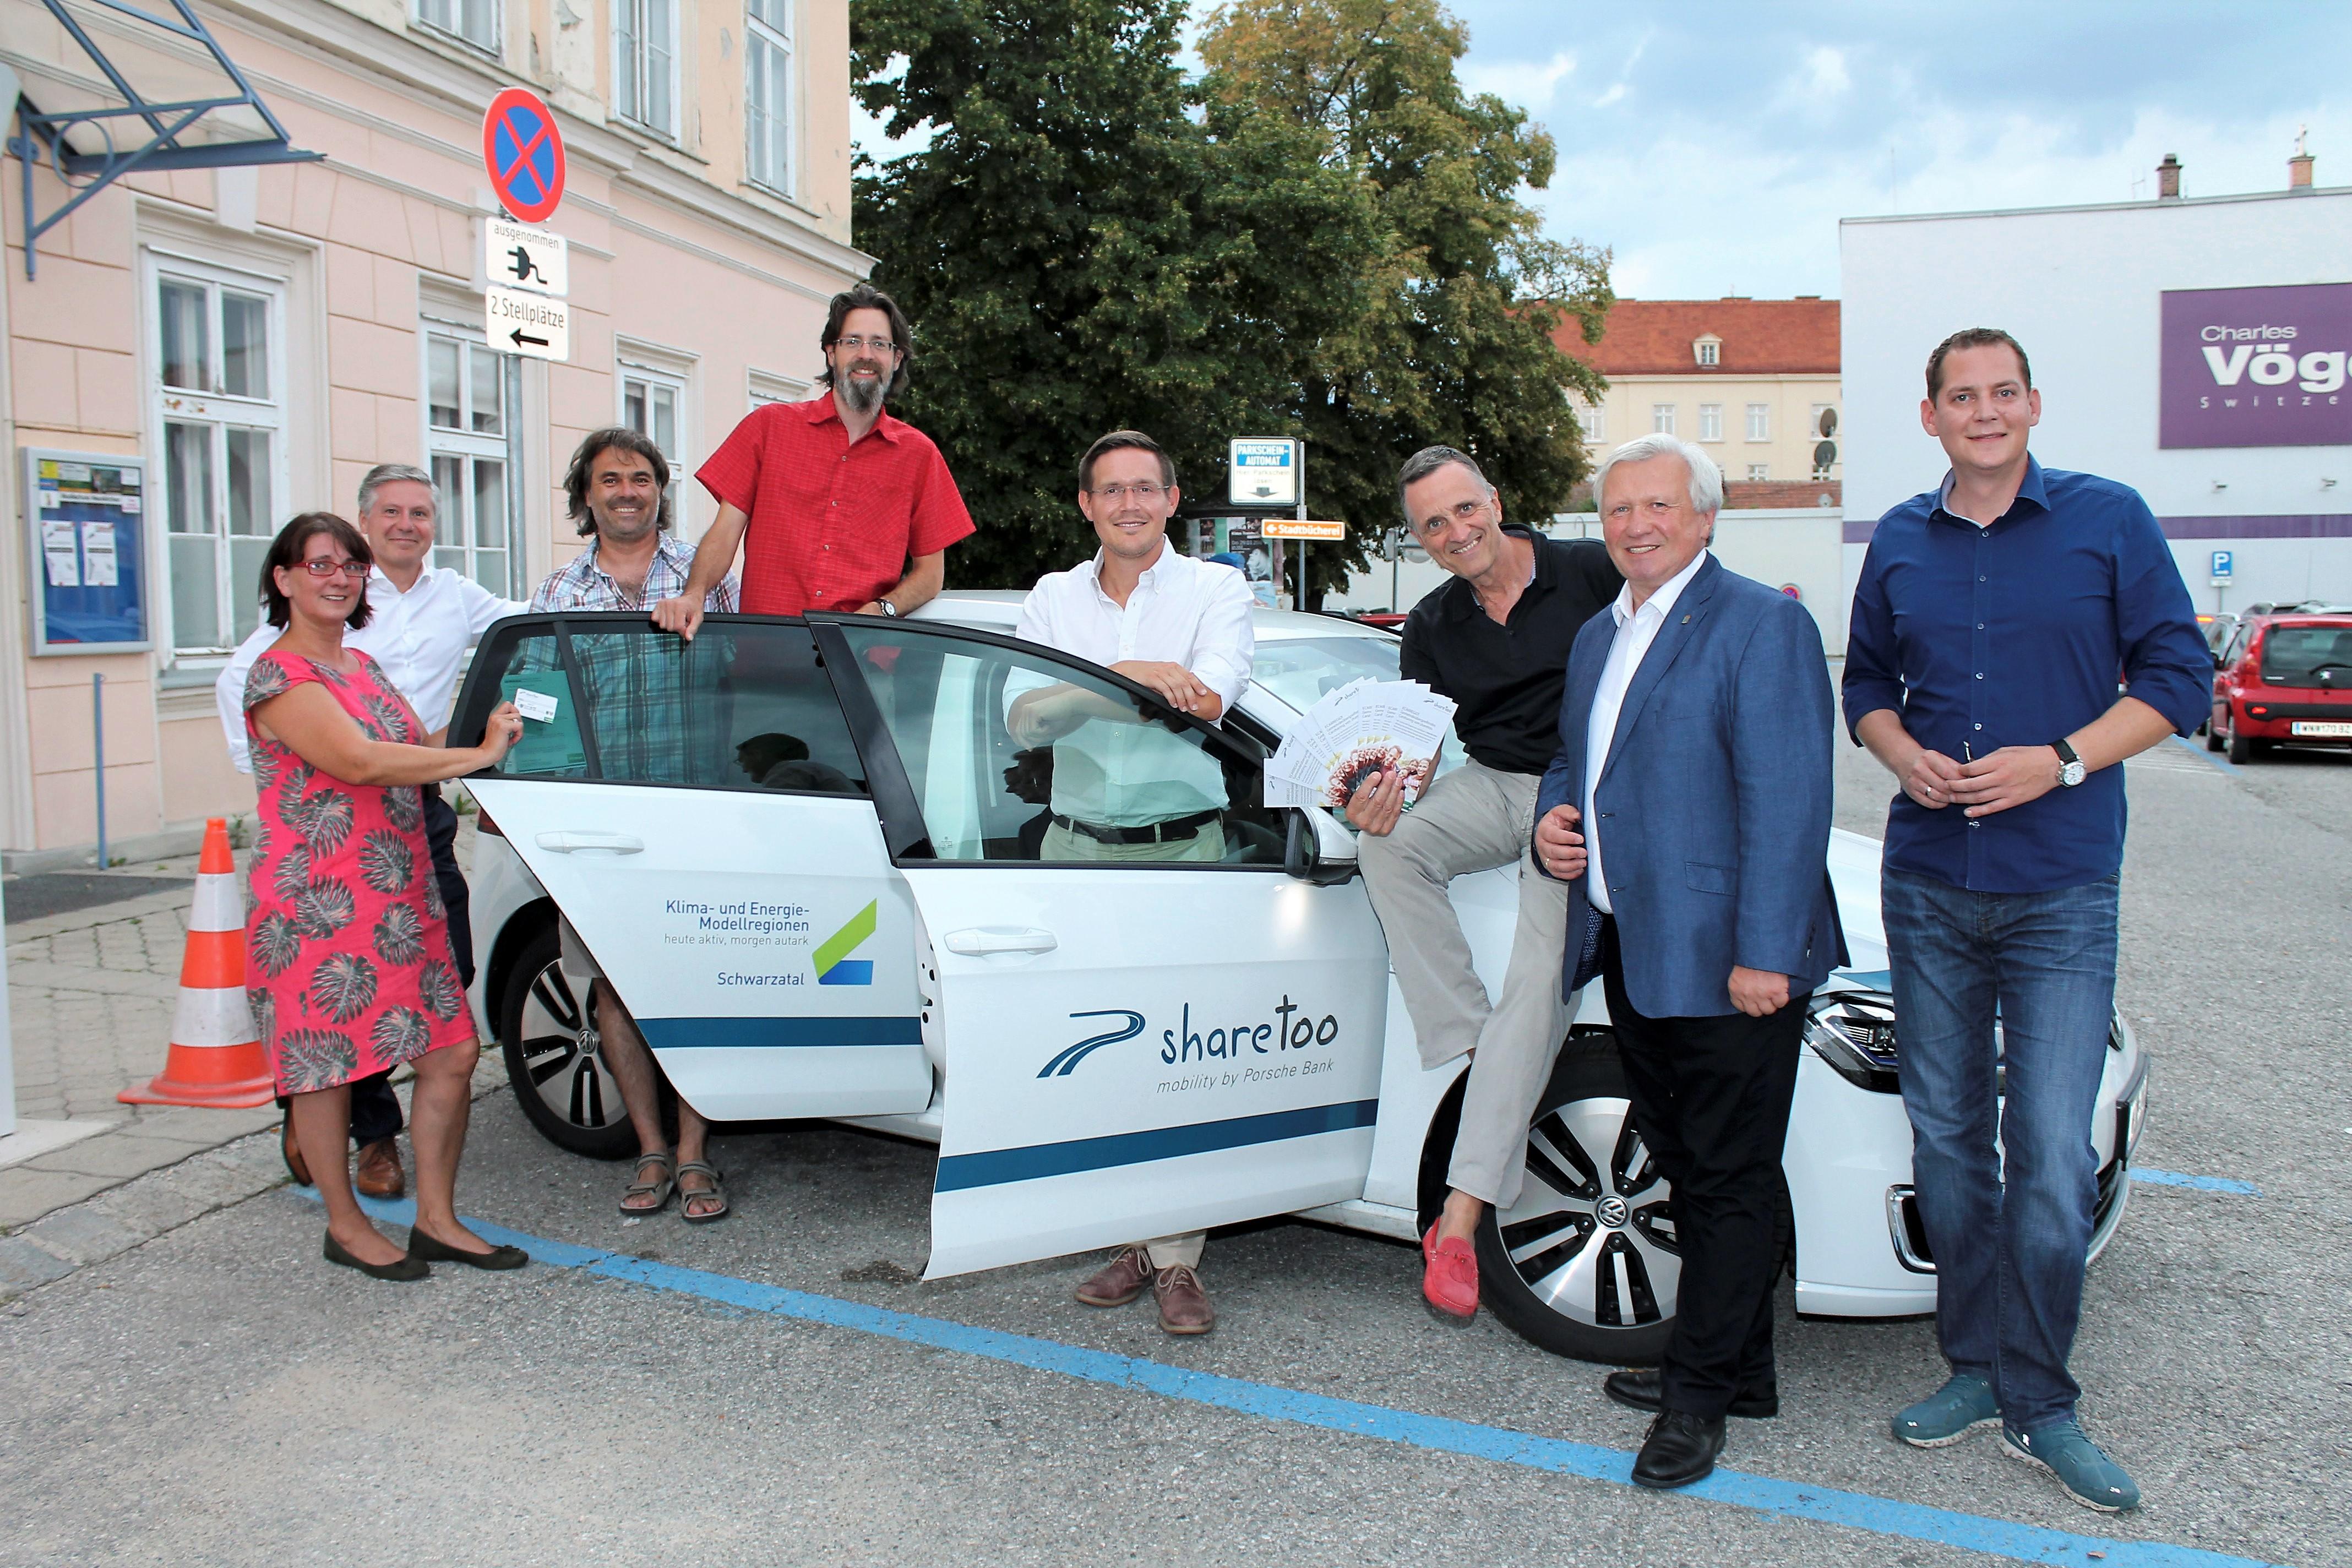 Jetzt startet Pilotprojekt für E-Carsharing in Neunkirchen